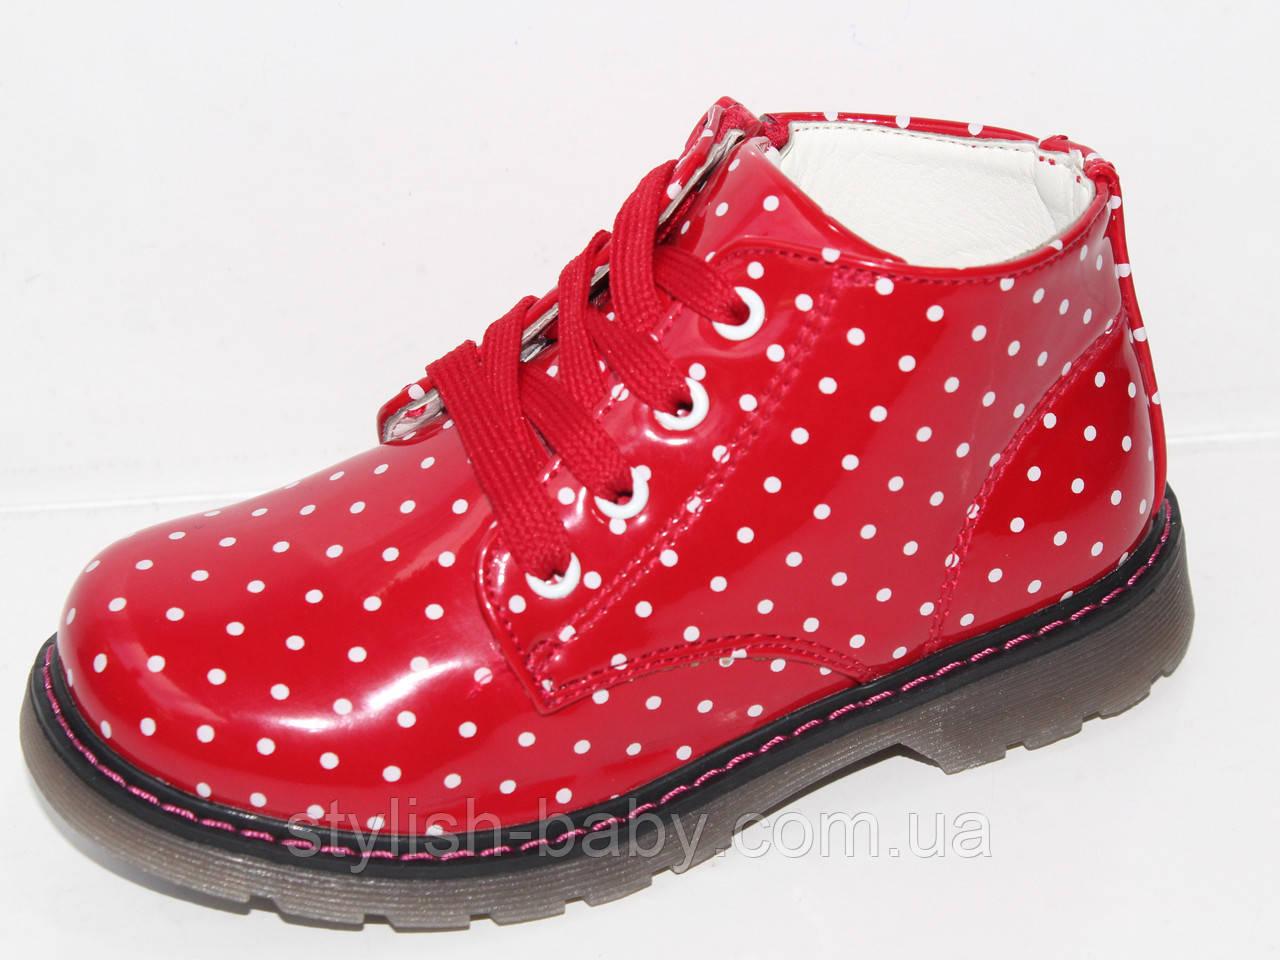 cb8adf27f Детская обувь оптом. Детская демисезонная обувь бренда С.Луч для девочек  (рр.